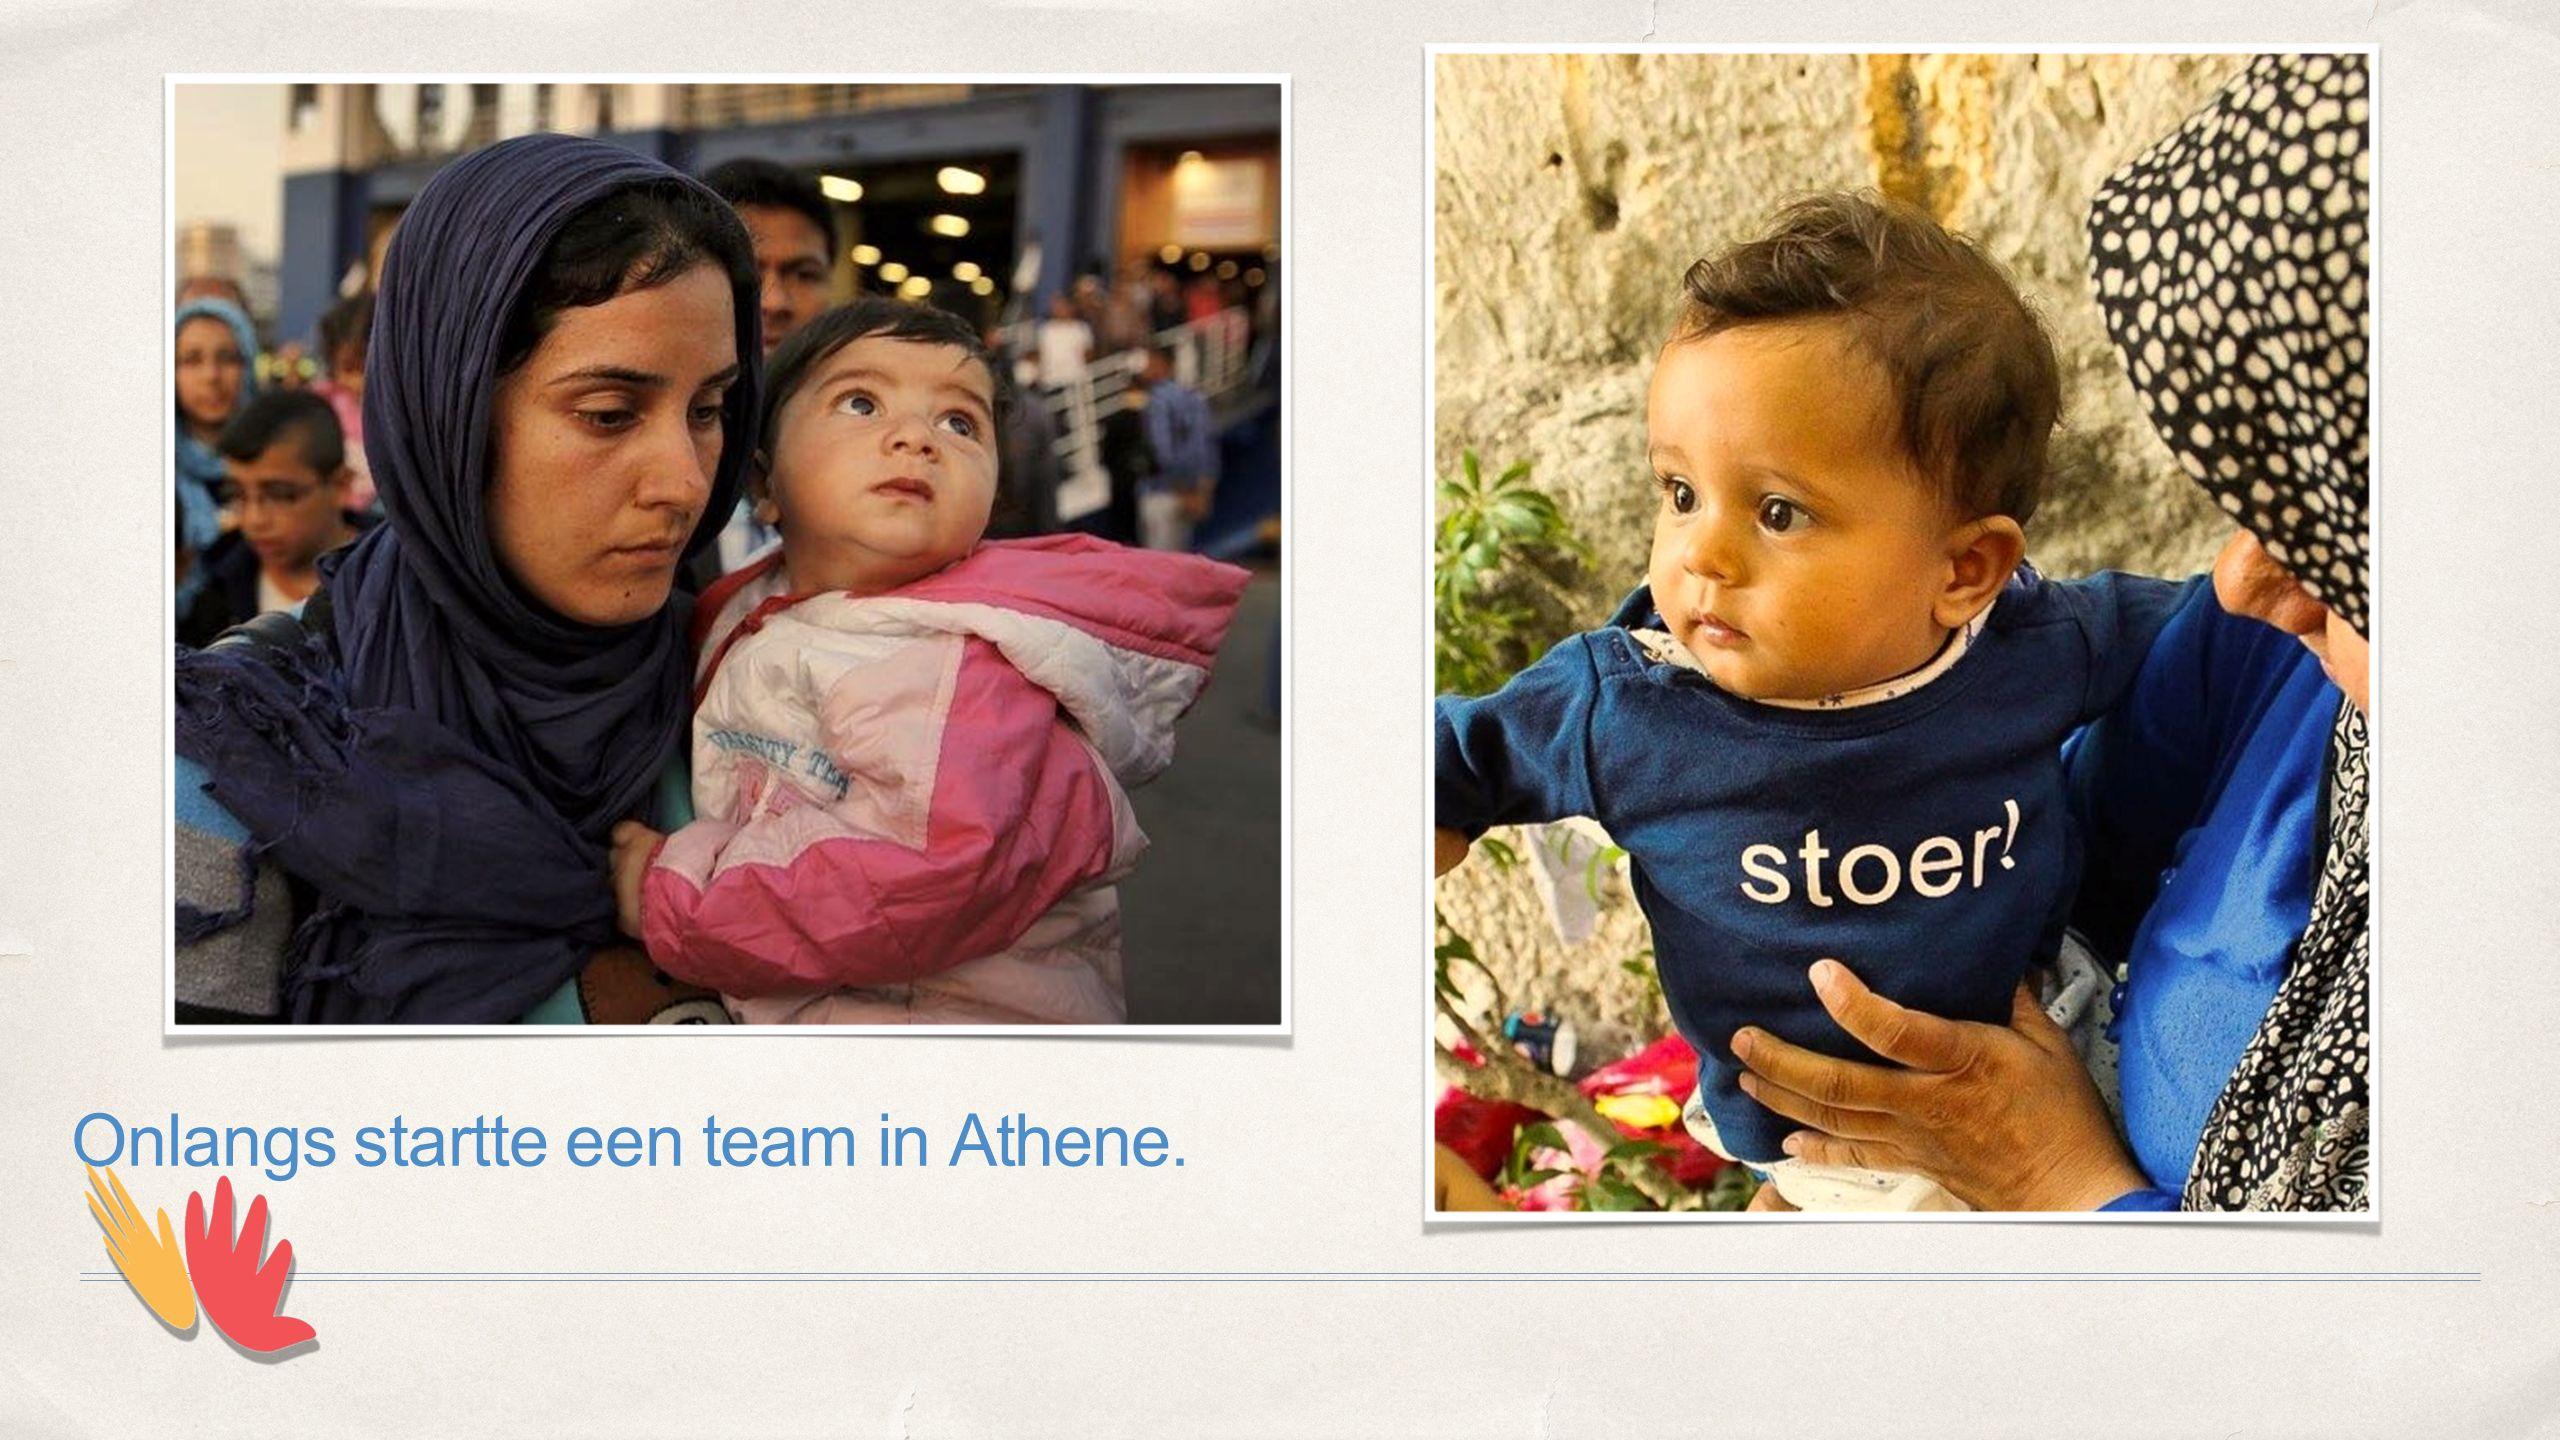 Onlangs startte een team in Athene.